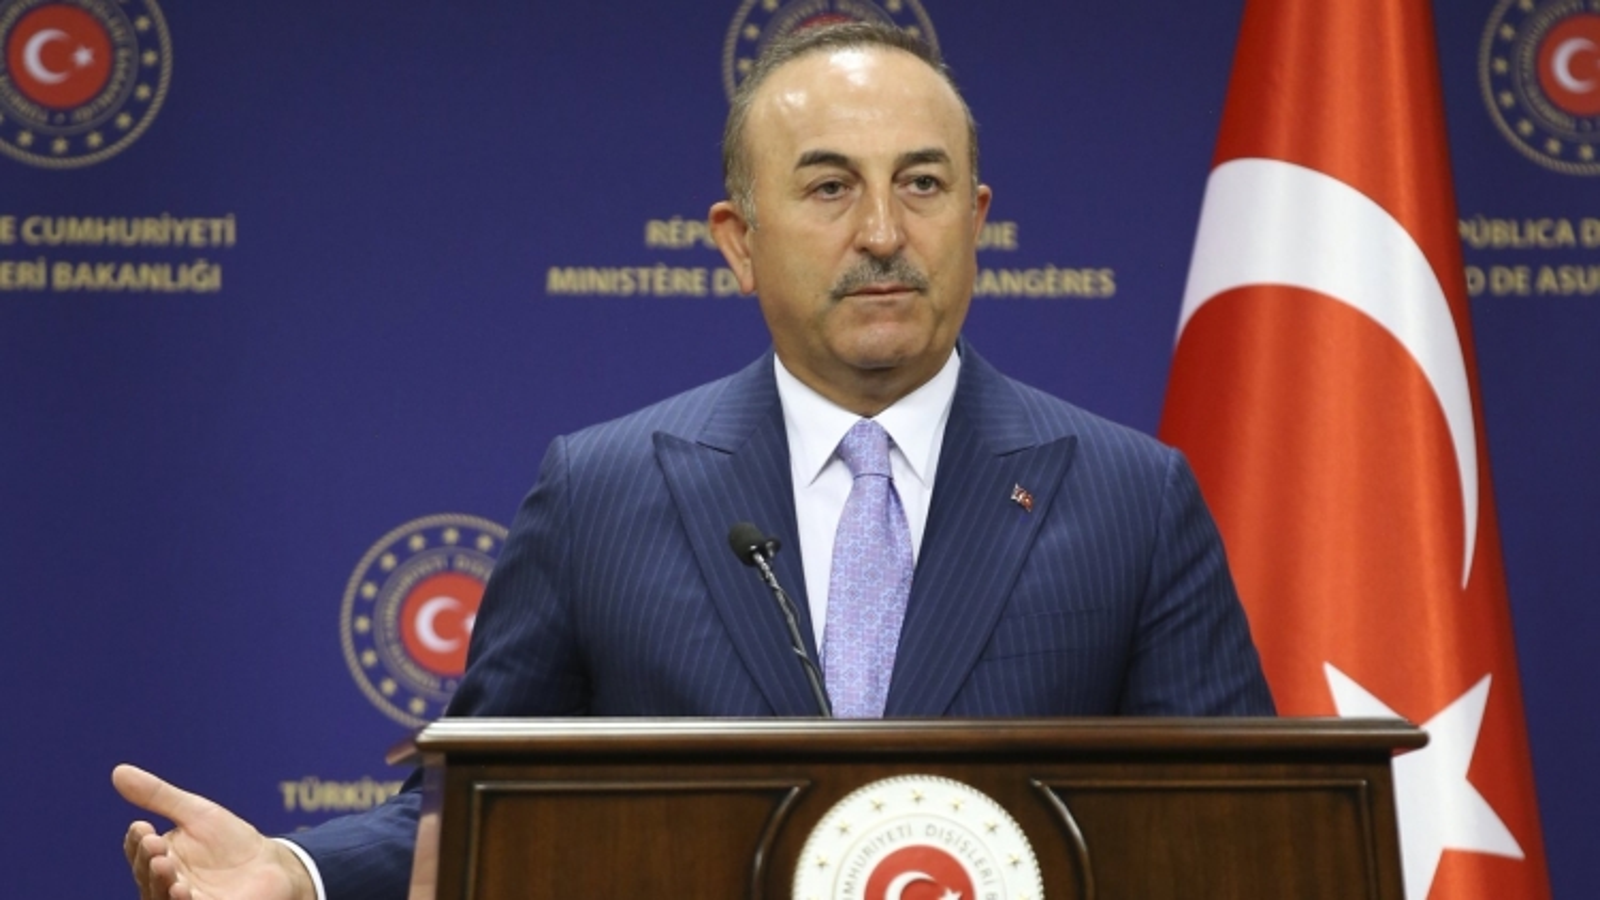 Thổ Nhĩ Kỳ kêu gọi Hy Lạp giải quyết các vấn đề bằng chính đôi tay của mình